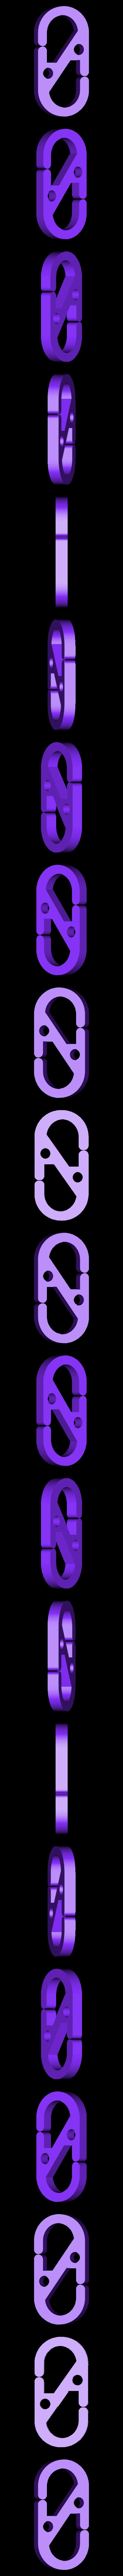 S_Link_lg.stl Download free STL file S-Link • 3D printer design, TeamOutdoor